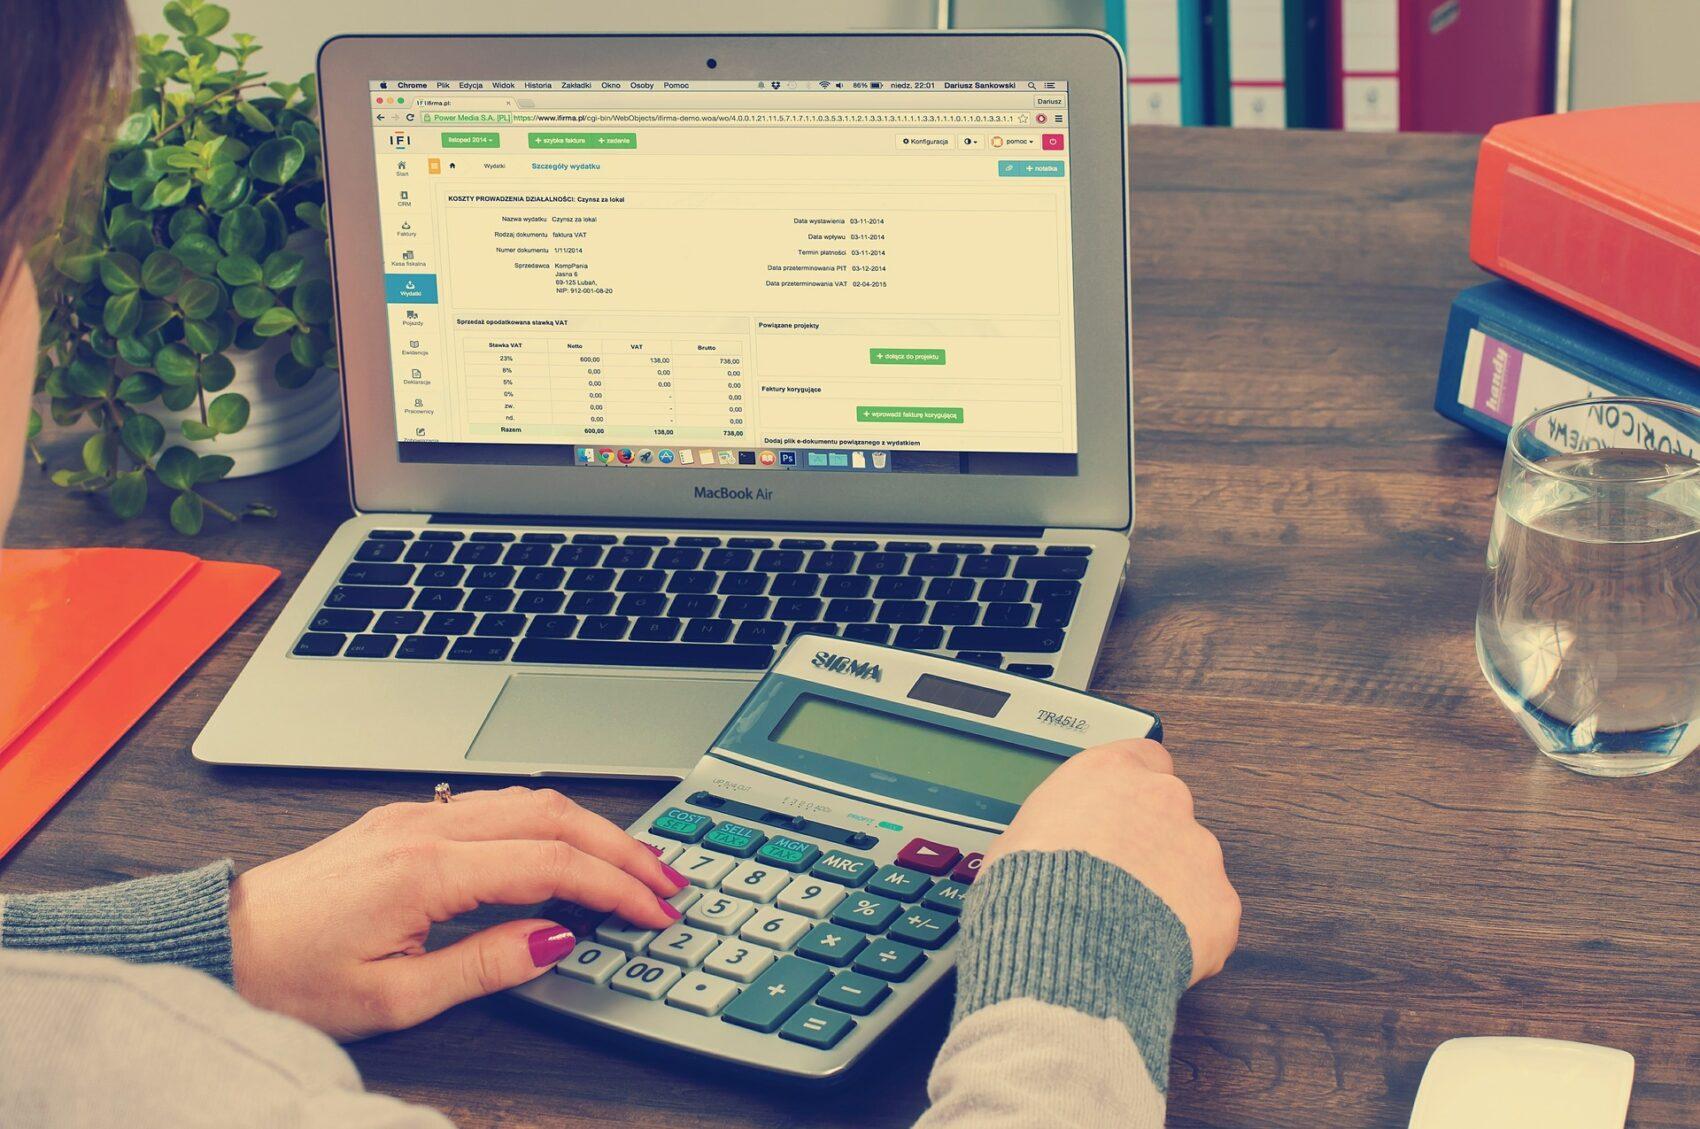 Sociedad de inversión IFPRU 50.000 € (exento CAD) en el Reino Unido para la venta